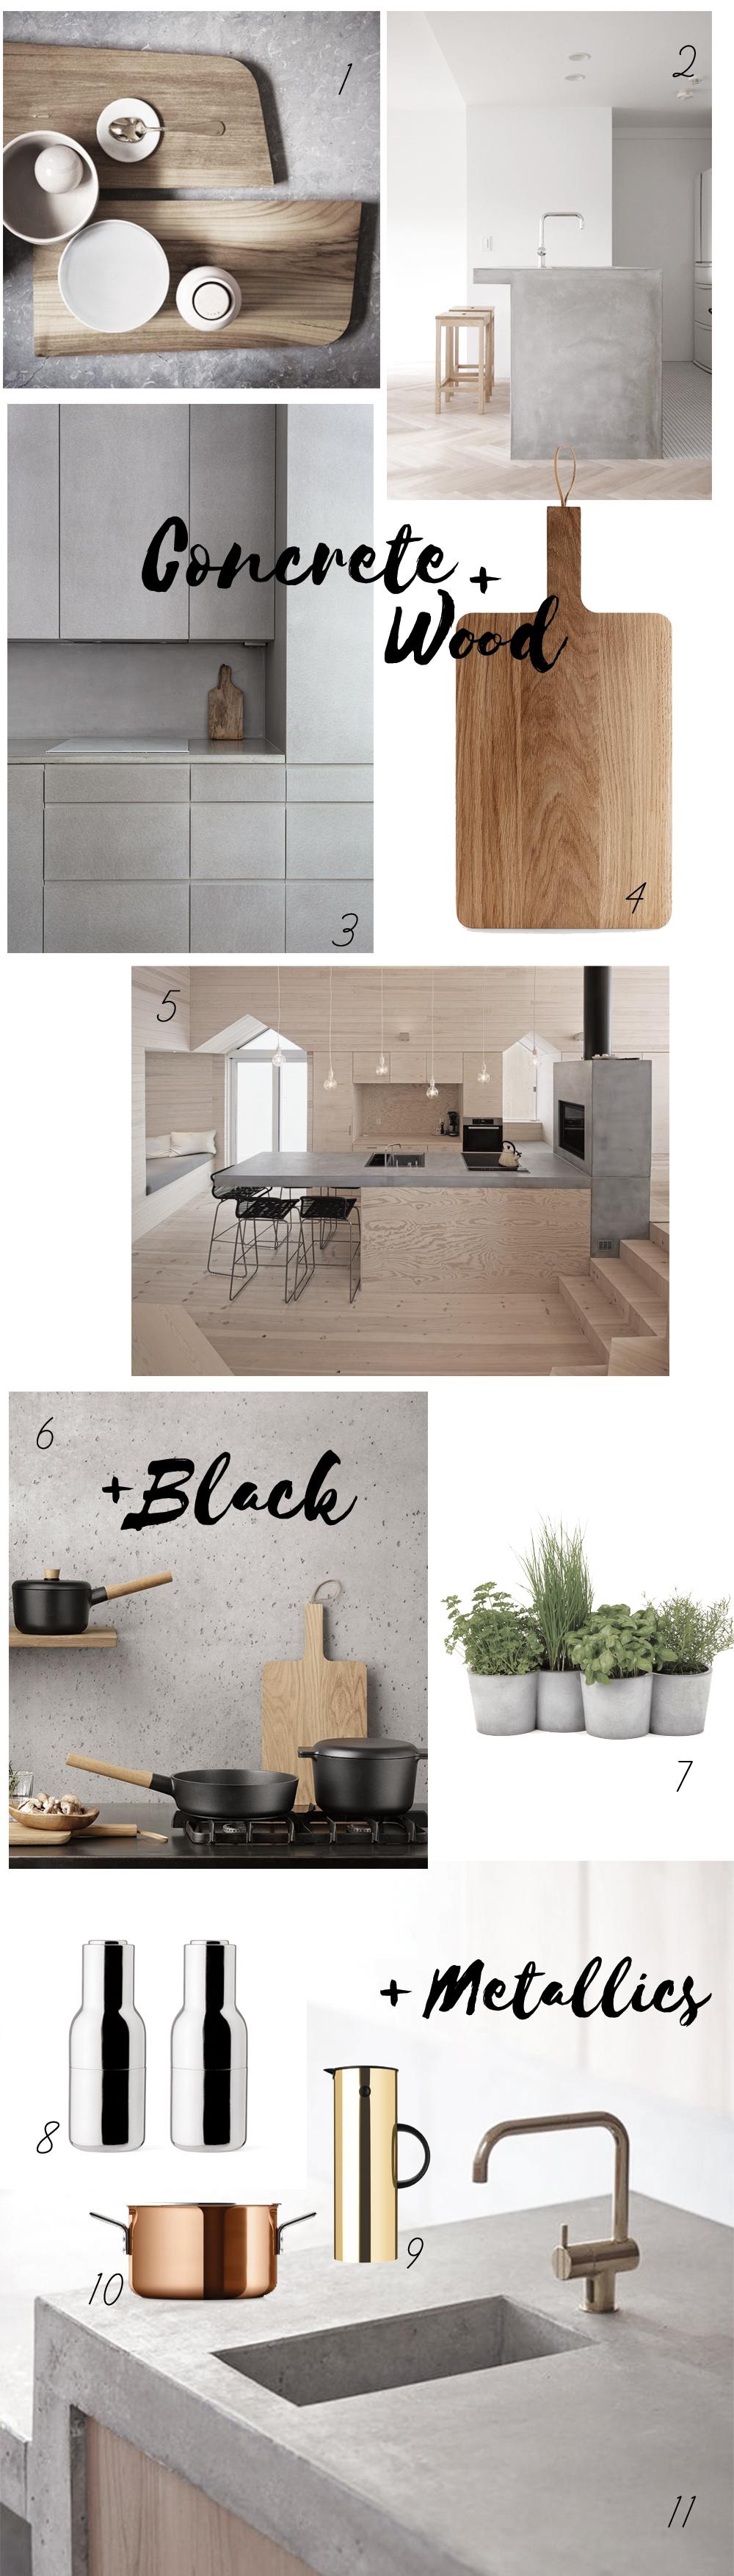 Betonlook in der Küche